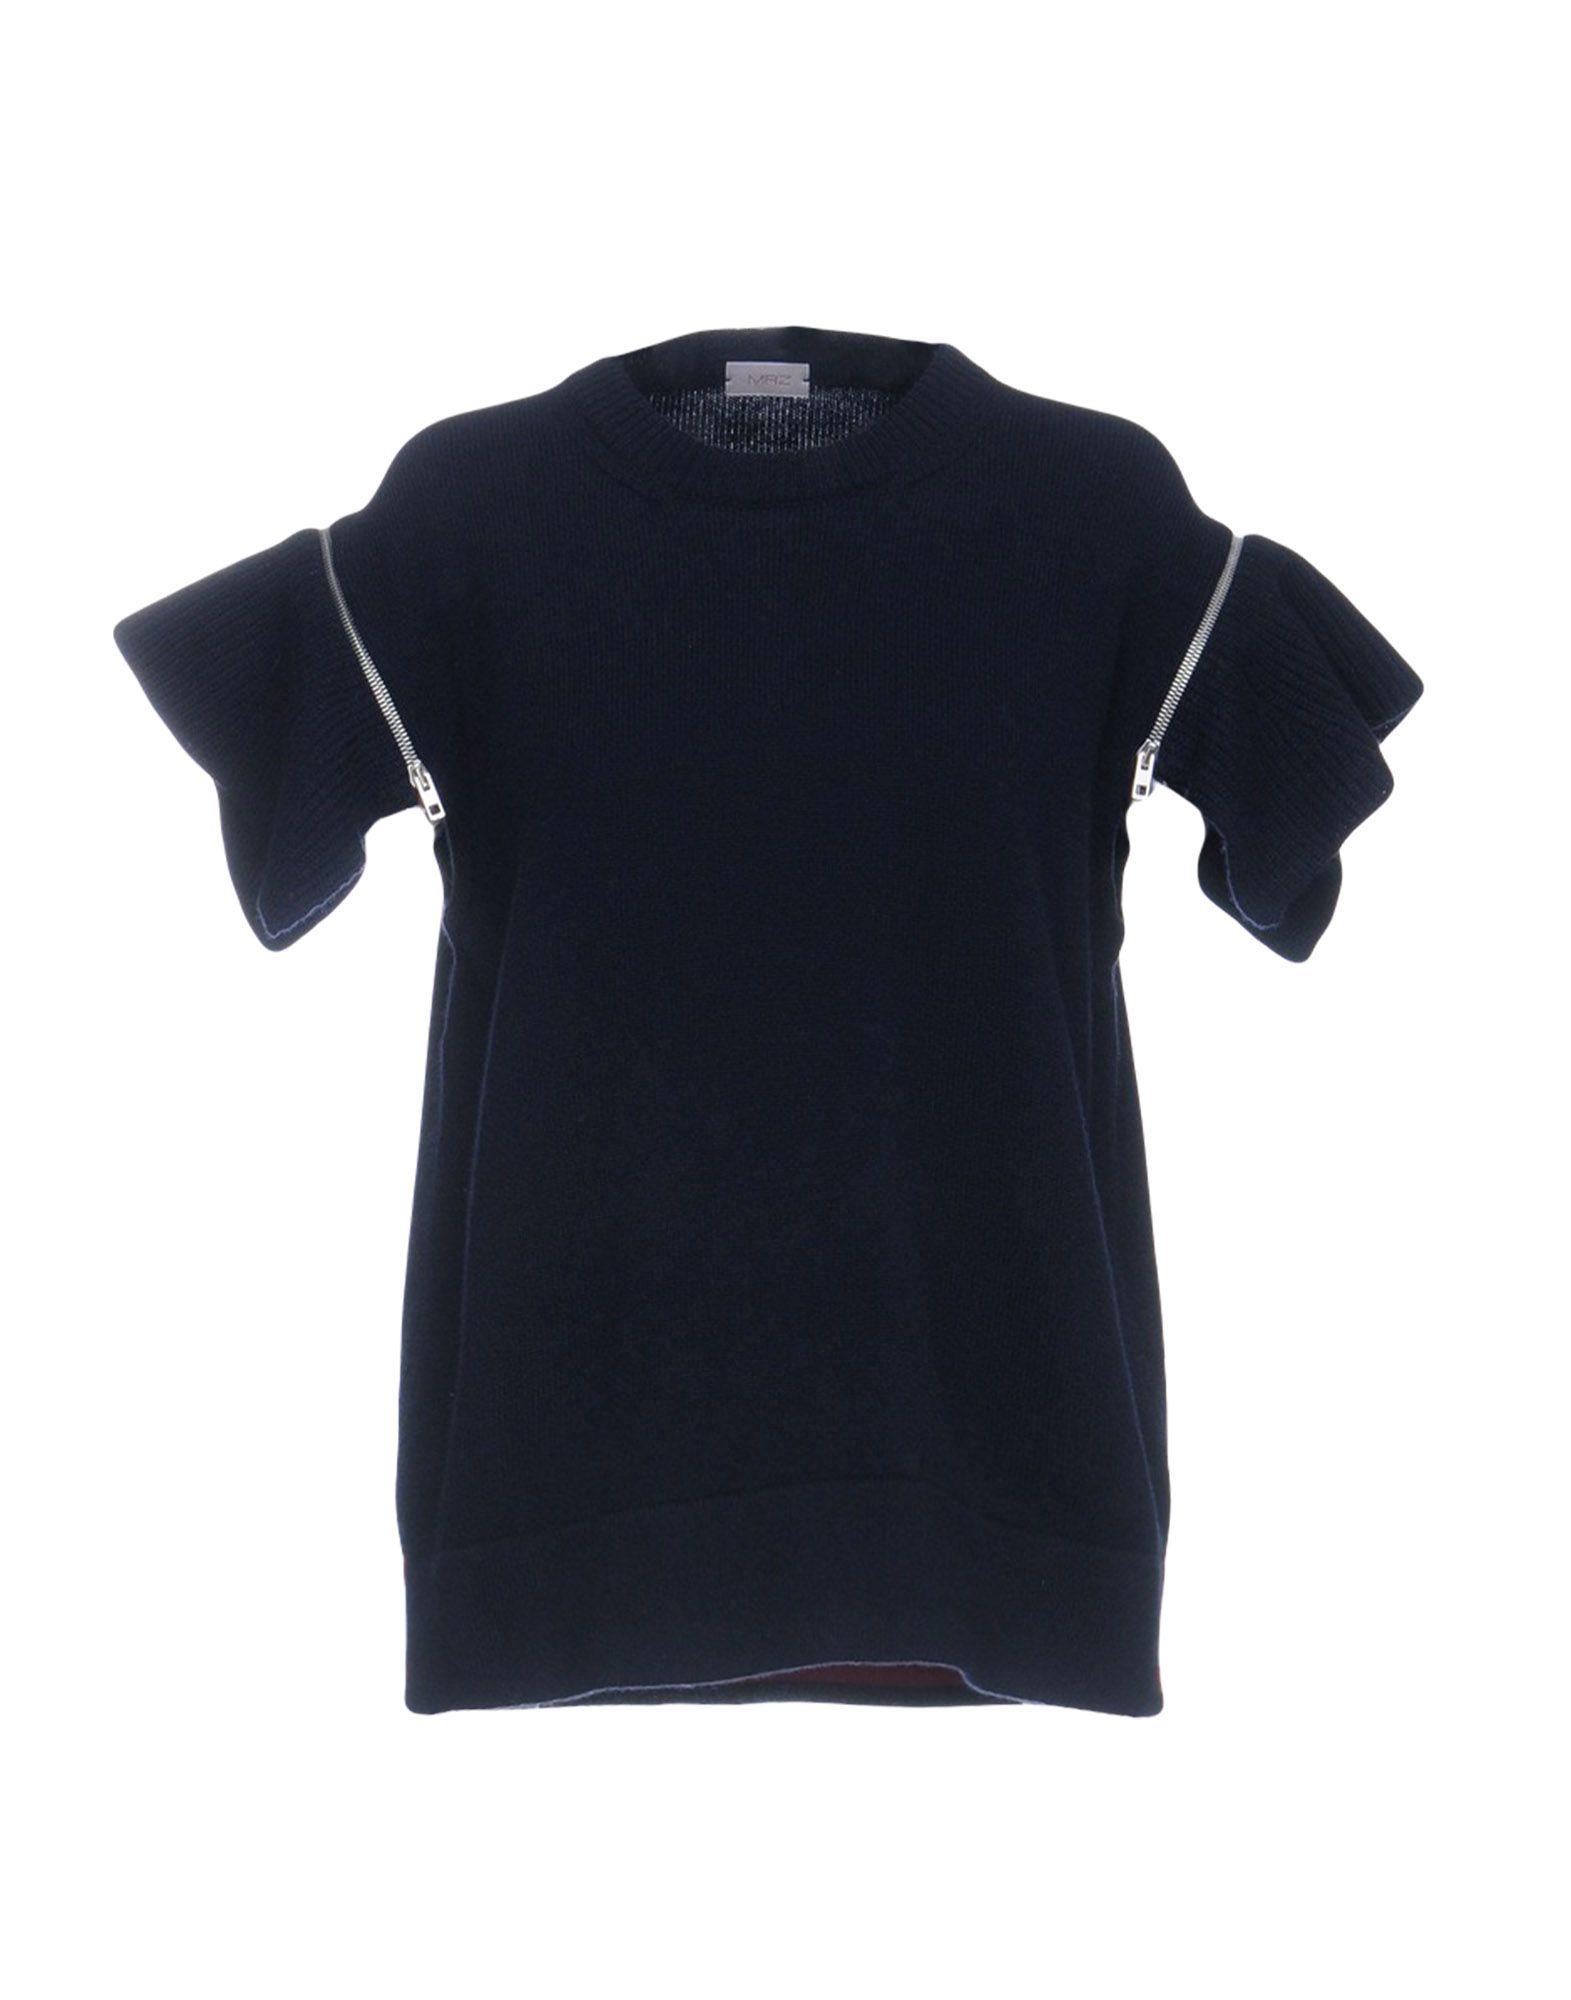 Pullover Mrz Donna - Acquista online su KyKpJ0v0